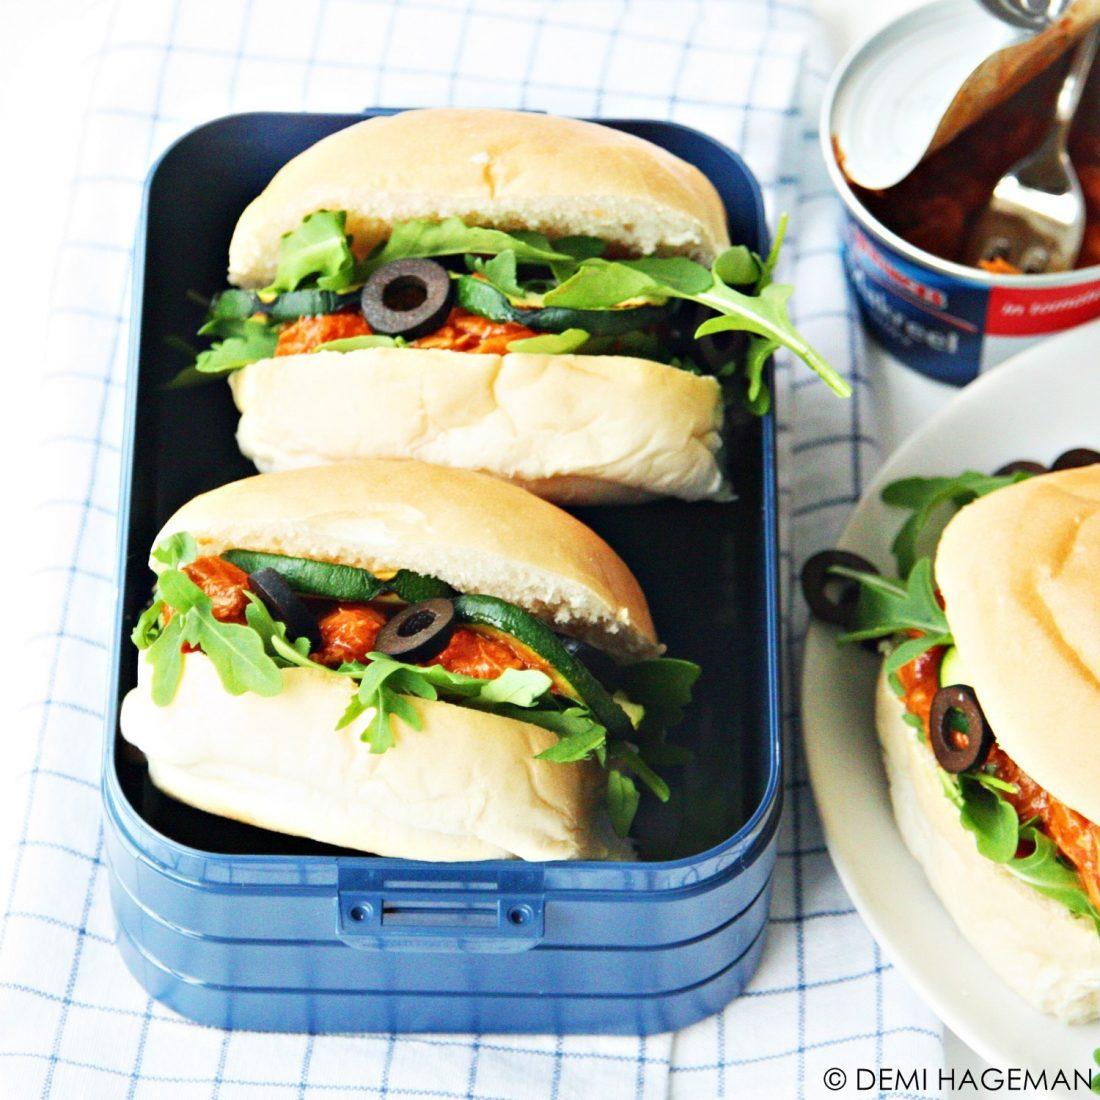 picknick broodjes met makreel in tomatensaus, gegegrilde courgette en olijven. StudioKOOK.nl Demi Hageman. Princes Foods.